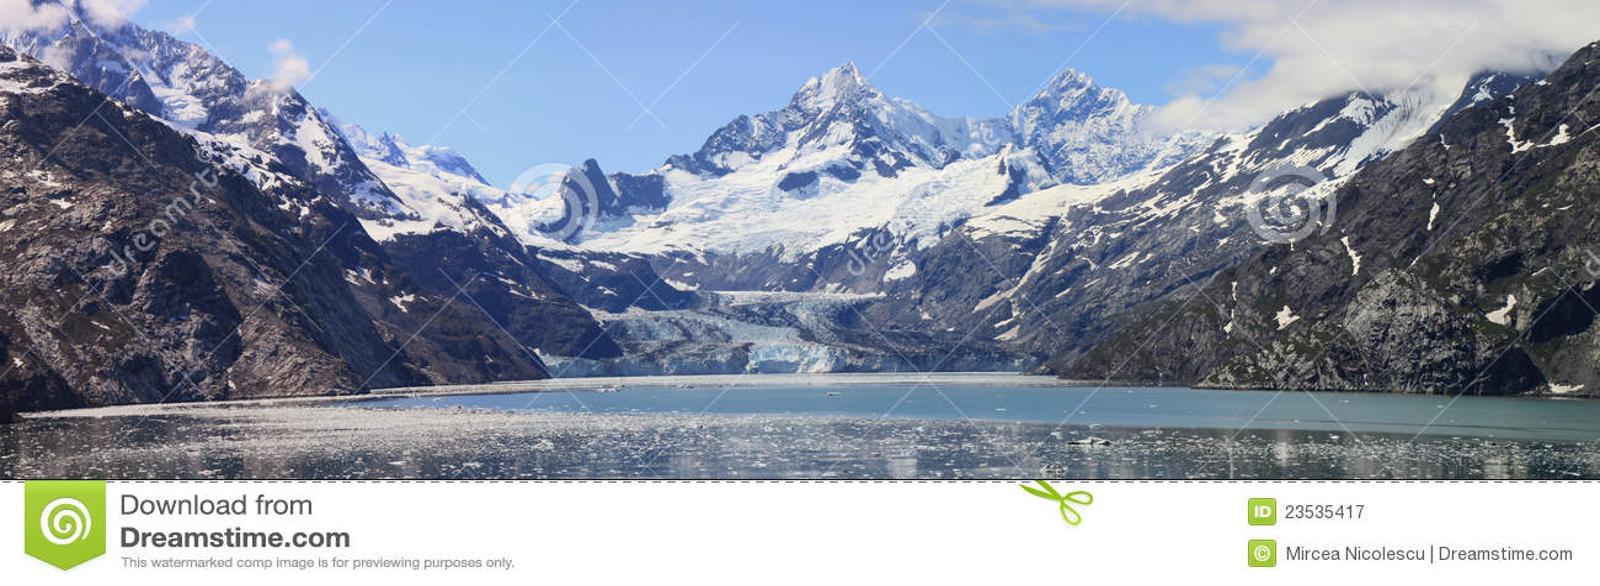 панорама ледника залива